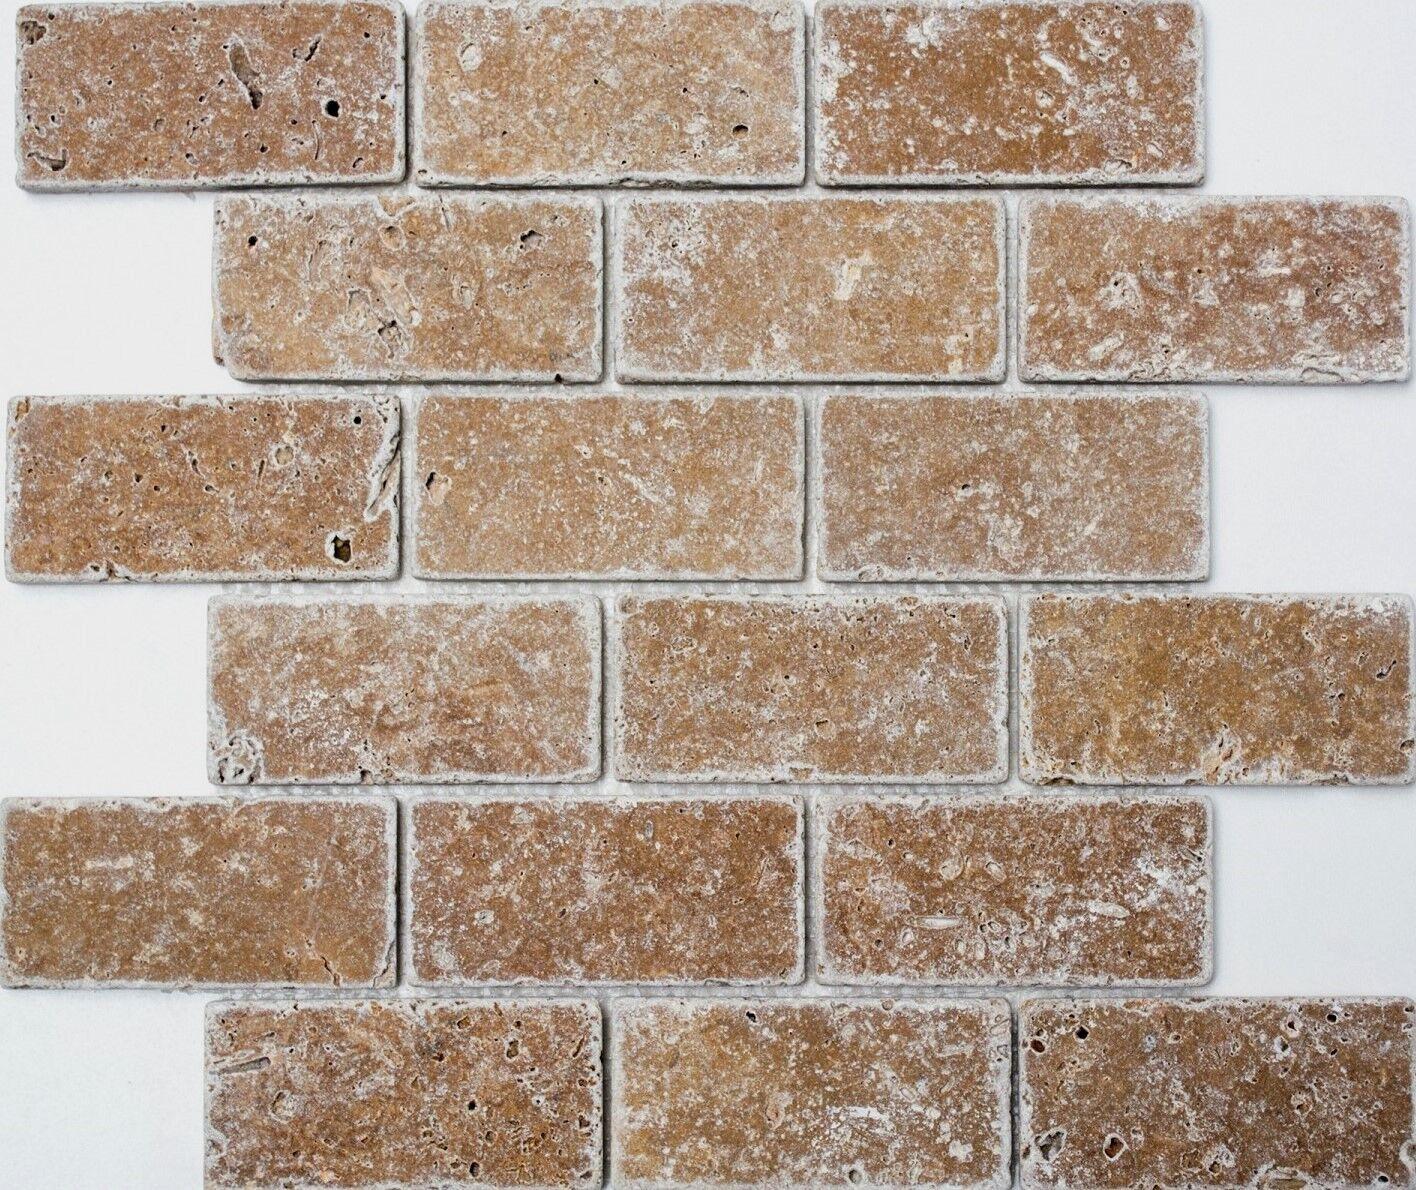 Mosaik Verbund Inula Noce antique TraGrünine Fliesenspiegel Art 43-1208 10Matten